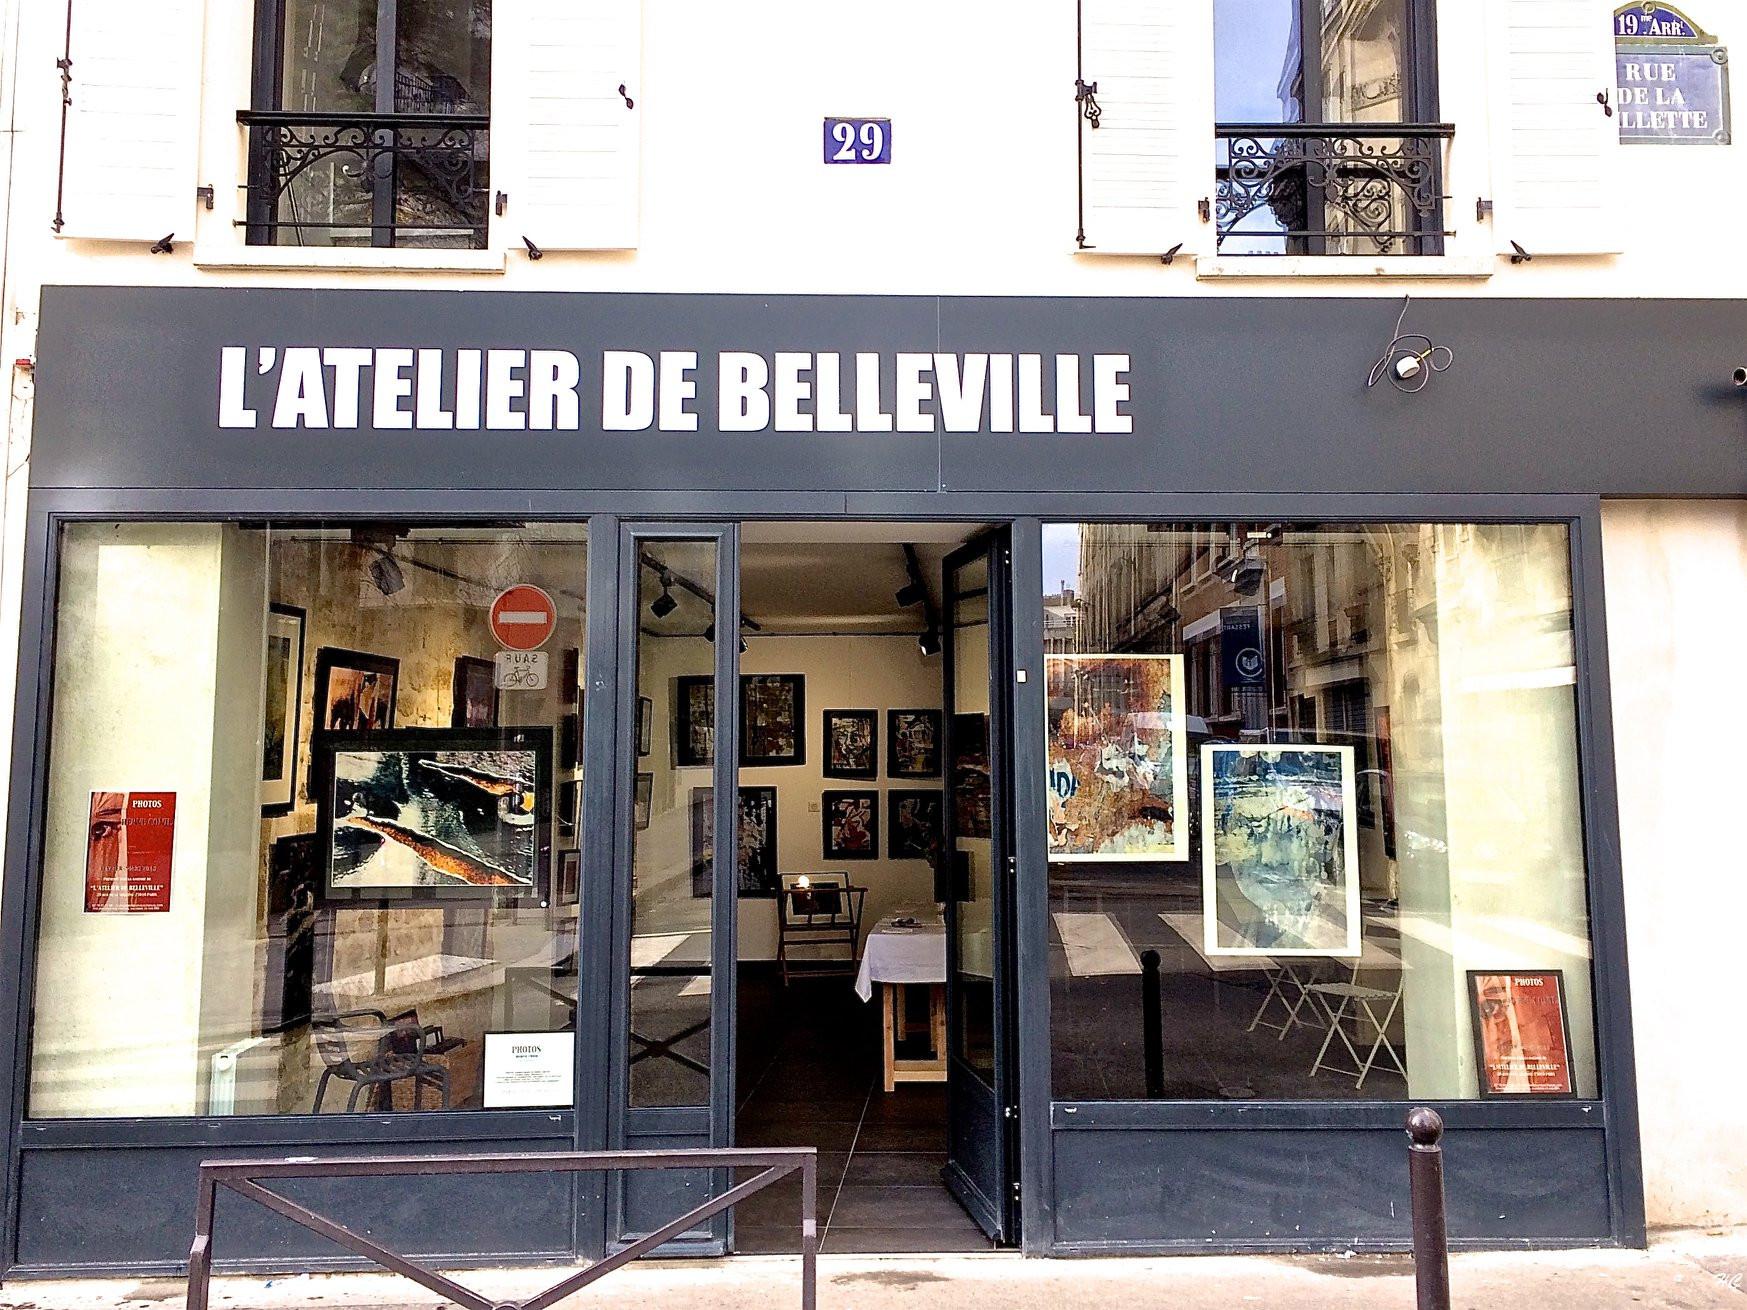 Chassis Atelier D Artiste oeuvres en vente   paris   l'atelier de belleville